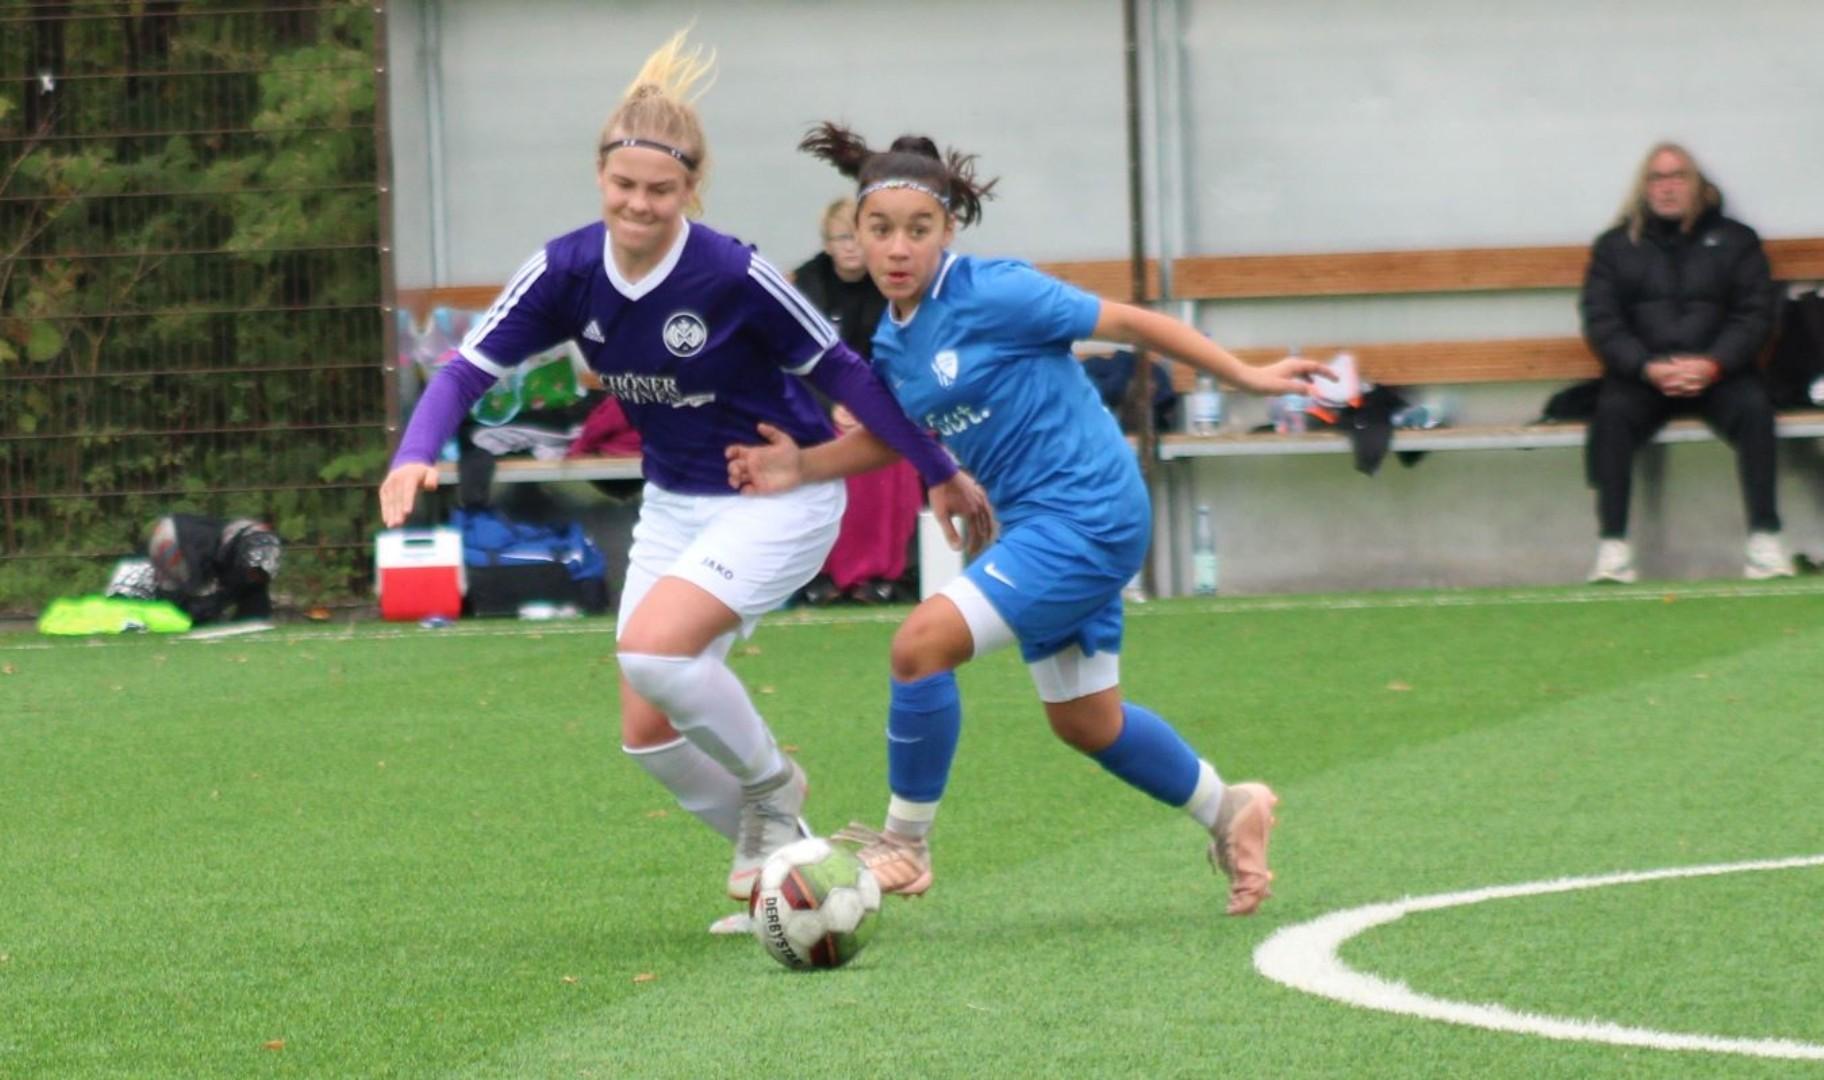 Punkt gewonnen! 0:0 gegen VFL Bochum U16!